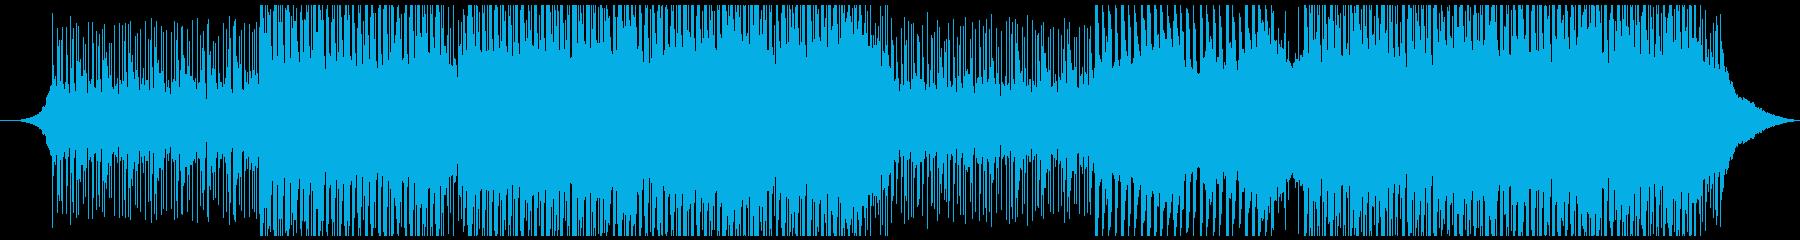 ひらめきの再生済みの波形